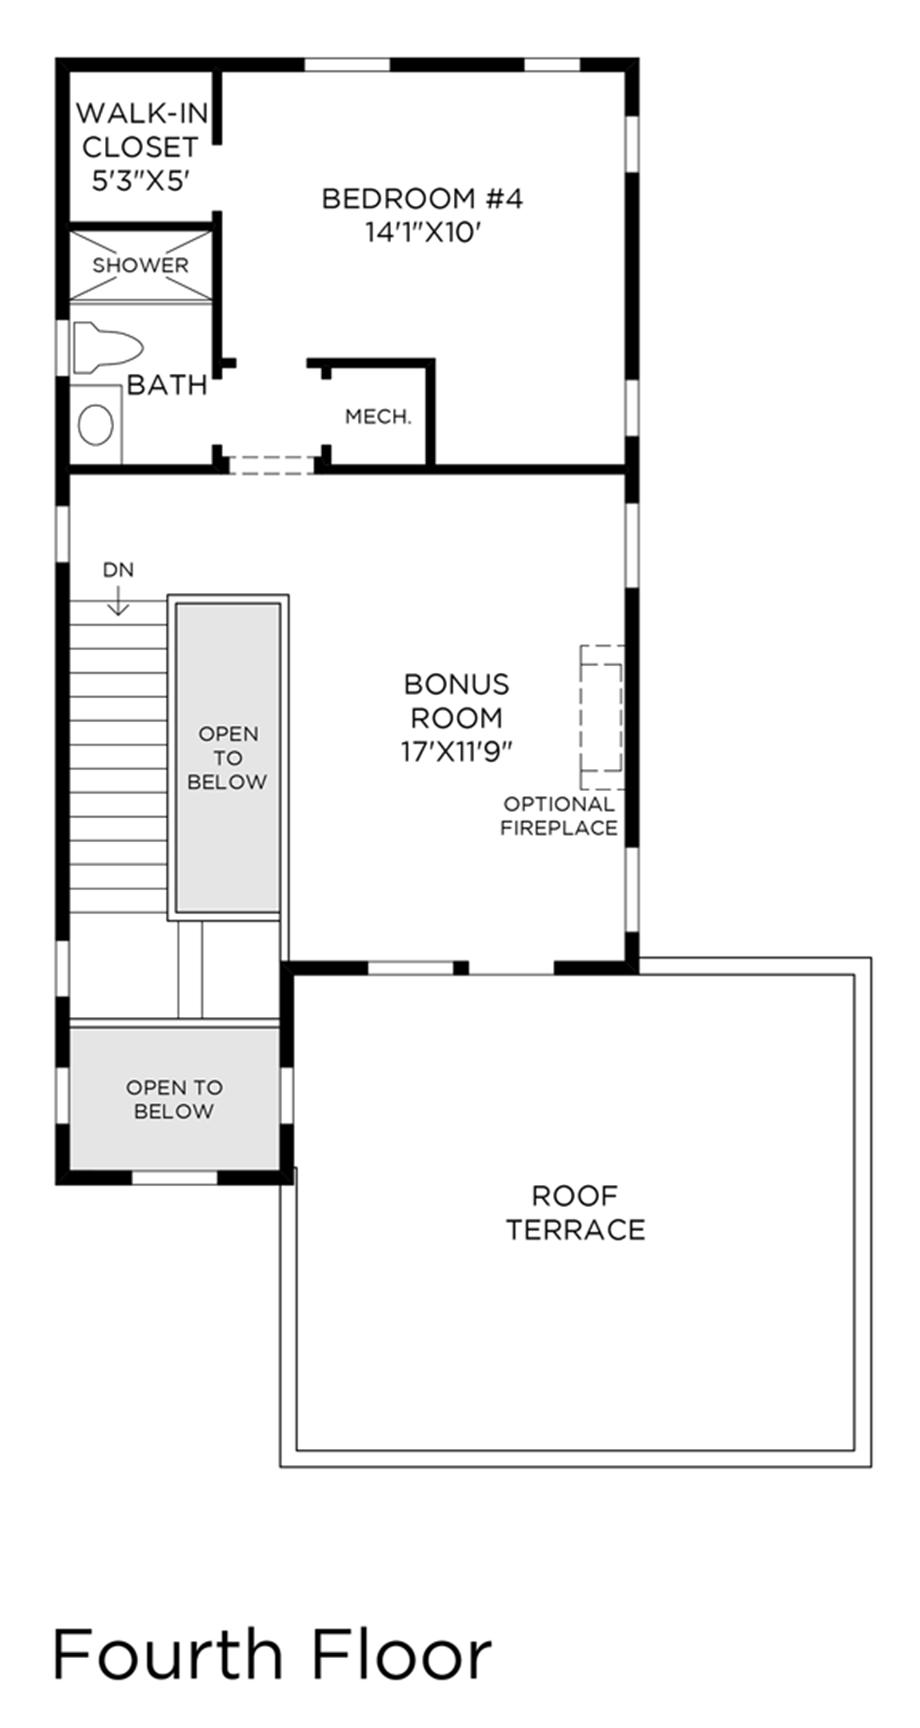 4th Floor Floor Plan